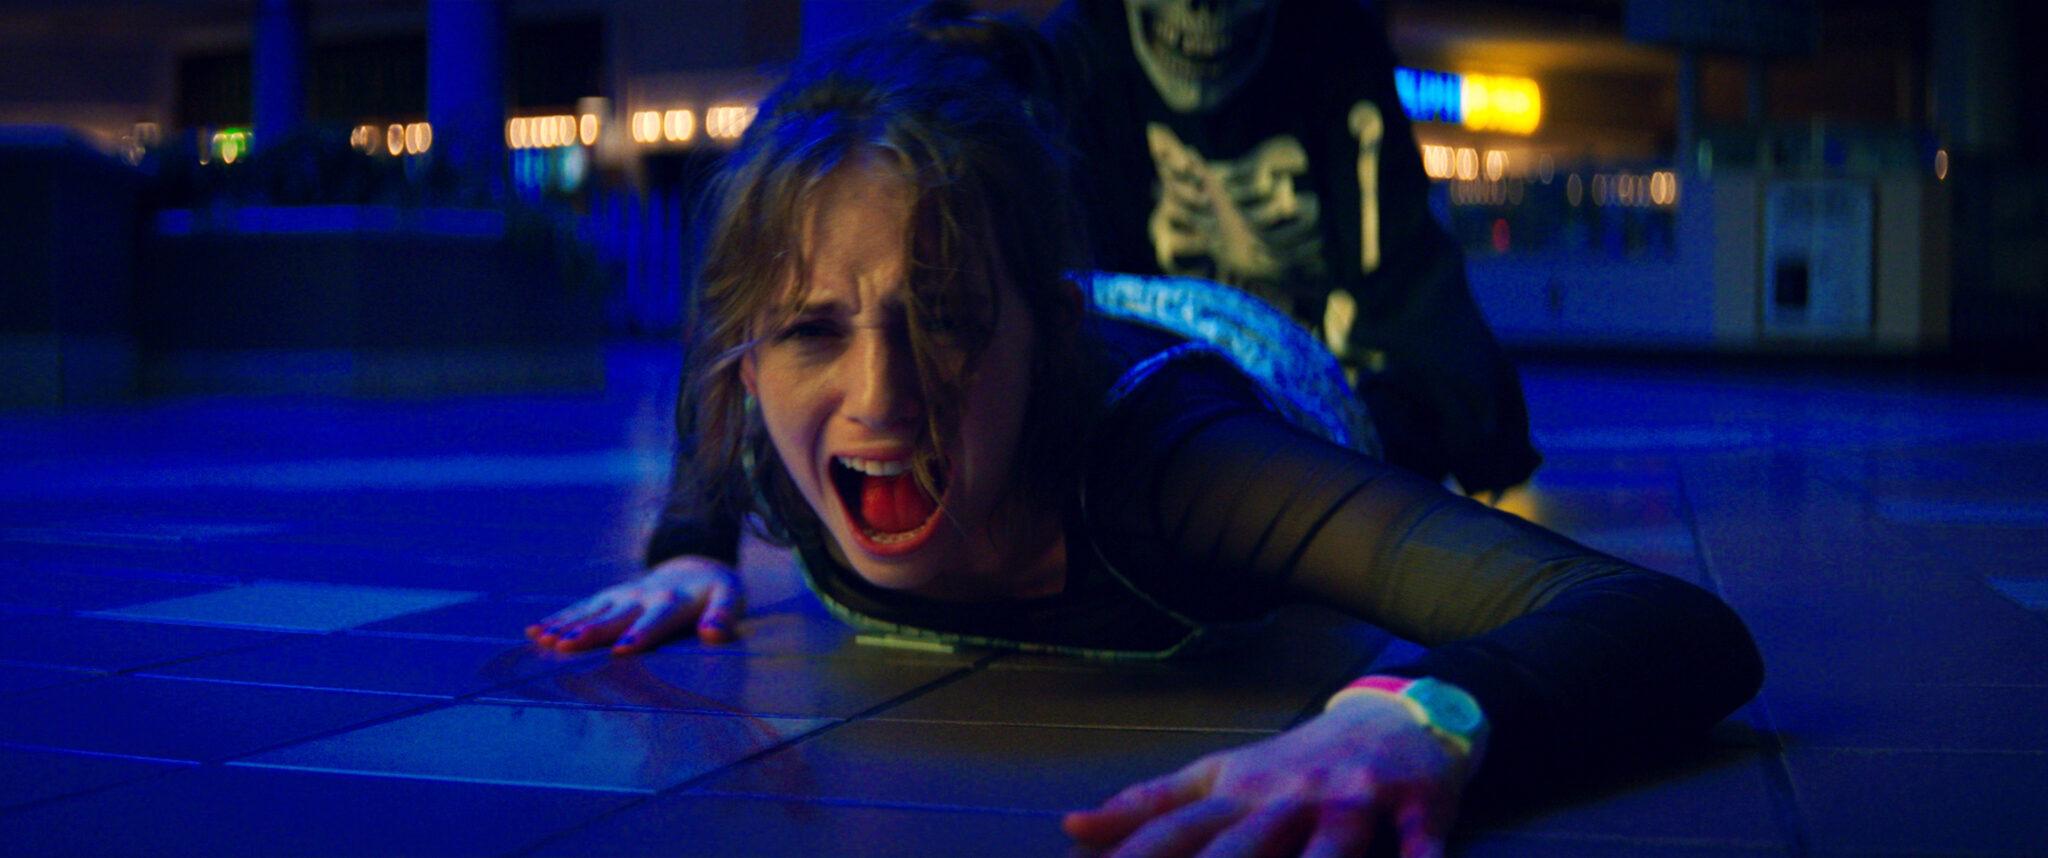 Maya Hawke liegt schreiend auf dem Boden in einem dunklen Raum und schreit vor Angst. Hinter ihr sieht man jemanden angedeutet, der sie an den Beinen festhält.